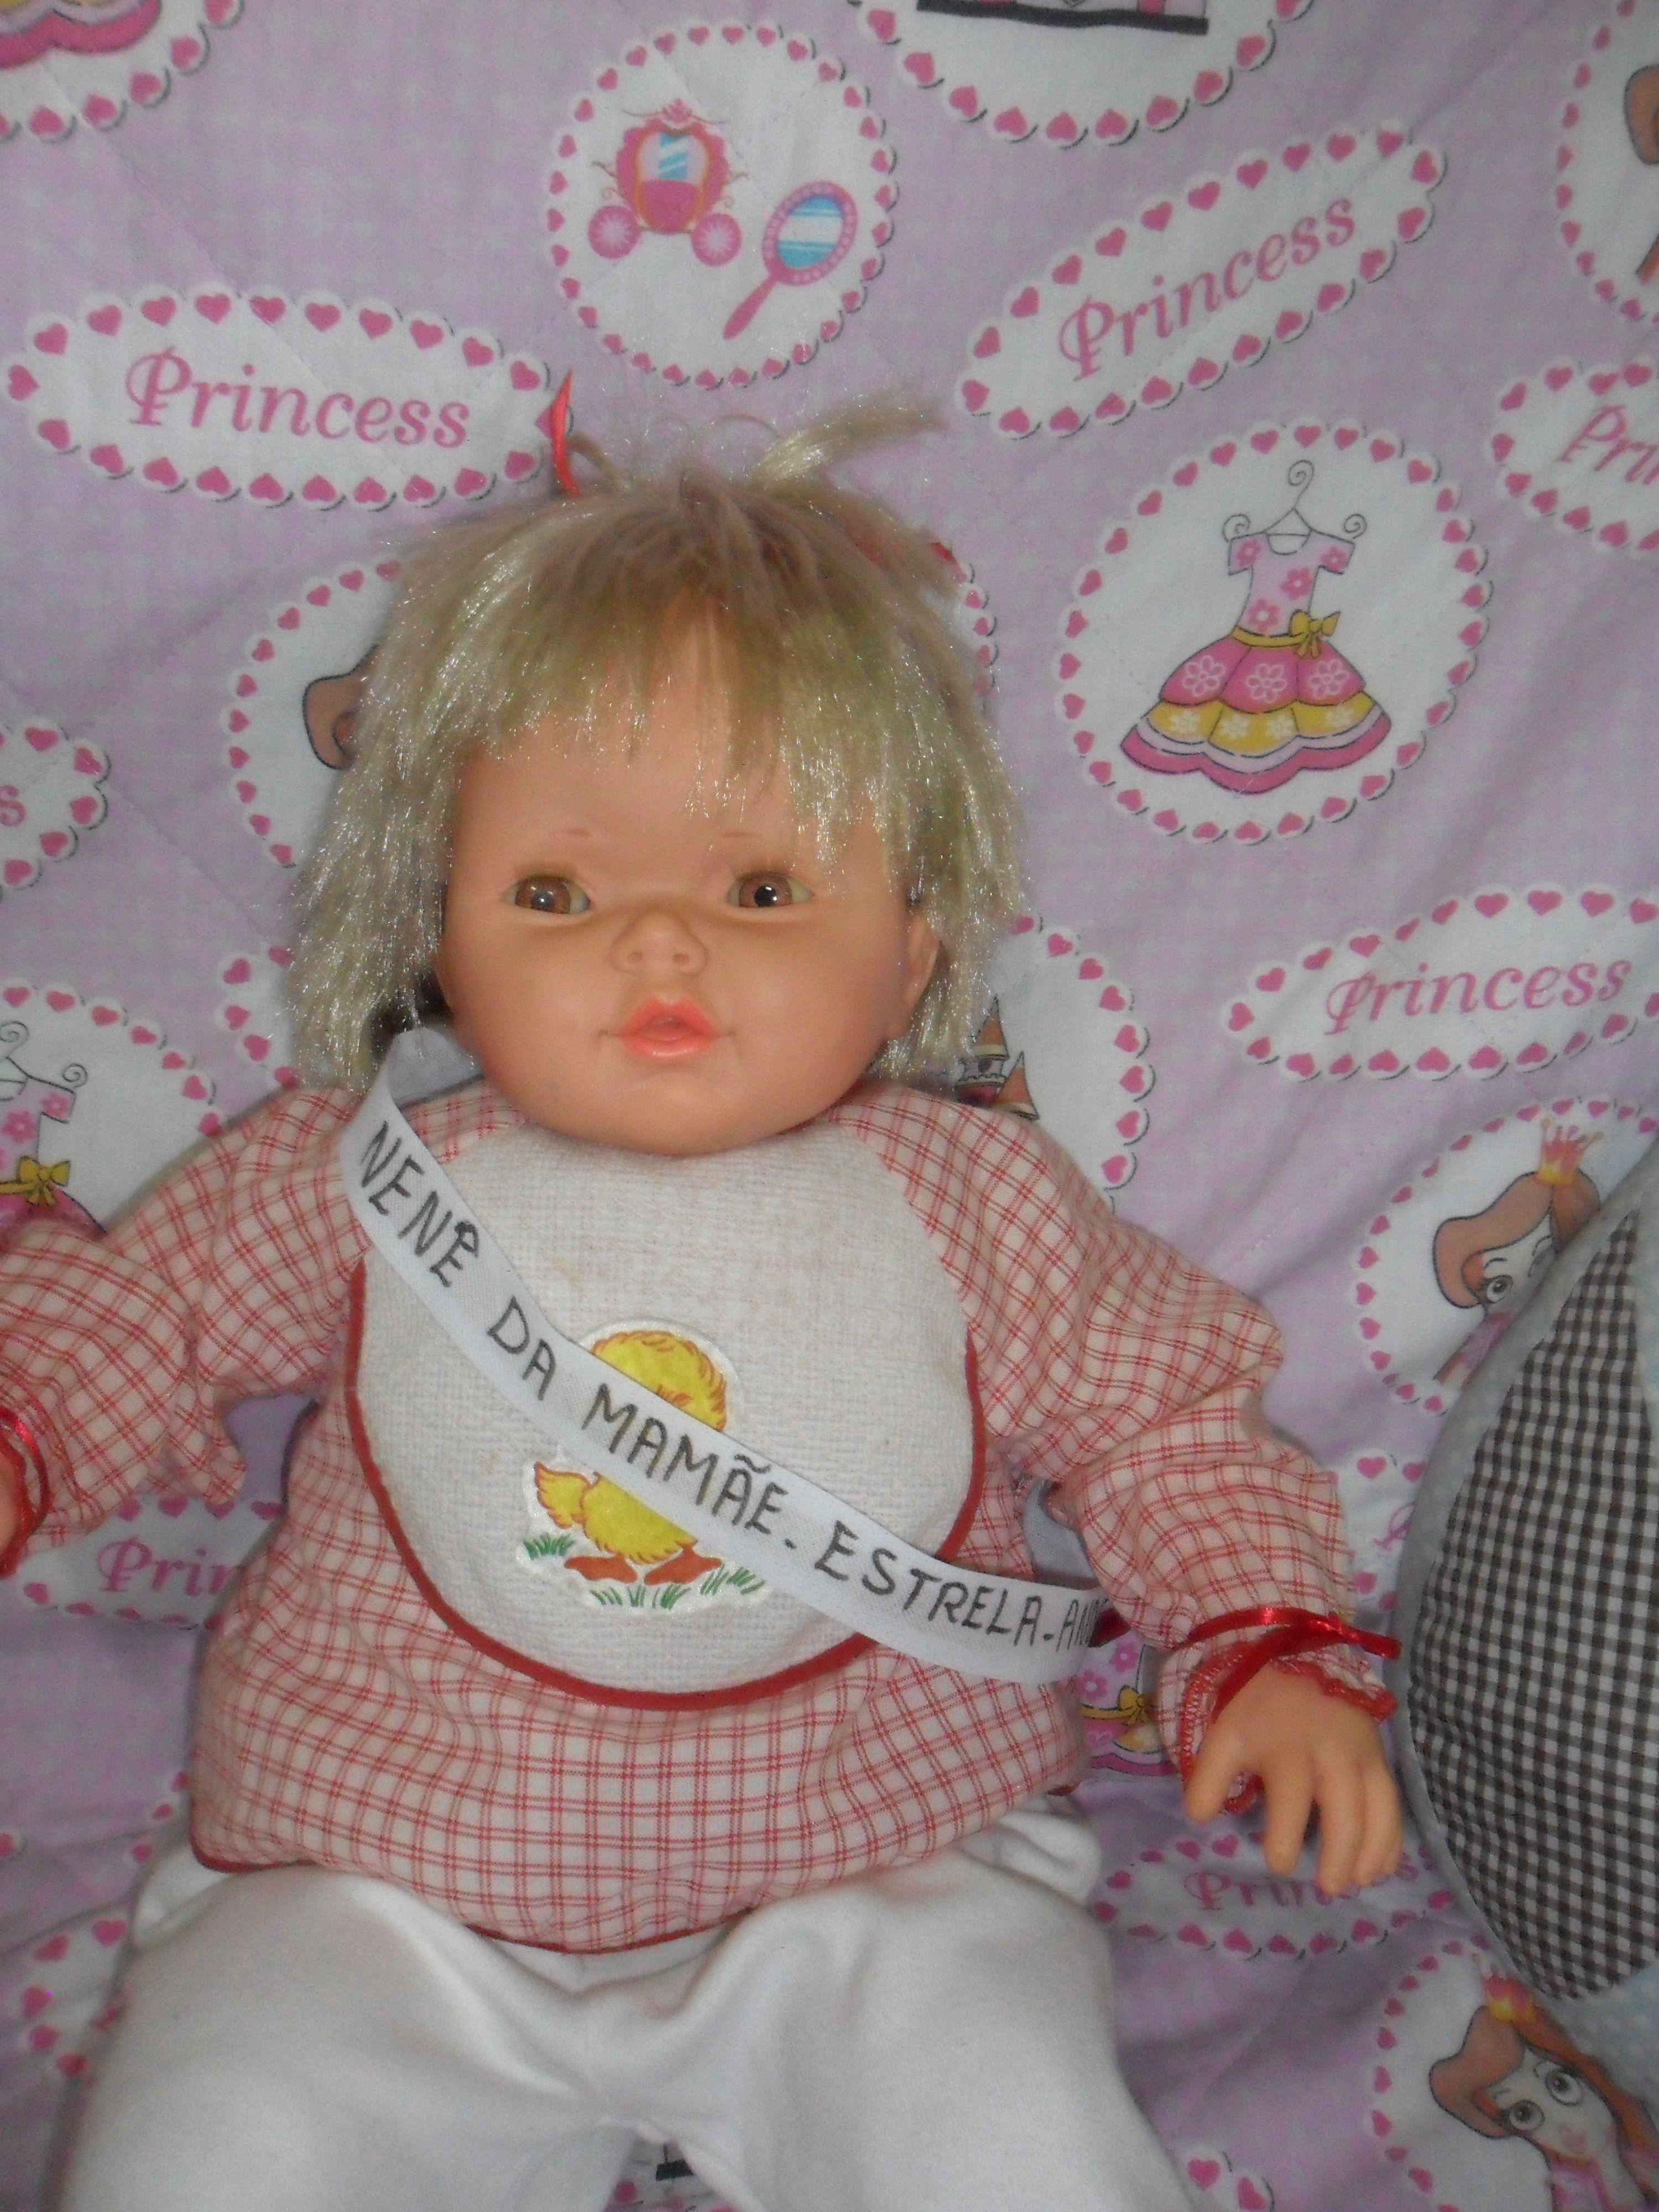 Boneca Nene Da Mamae Da Estrela Anos 90 Ela Fala Frases Como Mamae Nene Quer Carinho Pega Na Minha Maoz Boneca Bebe Gosto Tanto De Voce Brinquedos Antigos